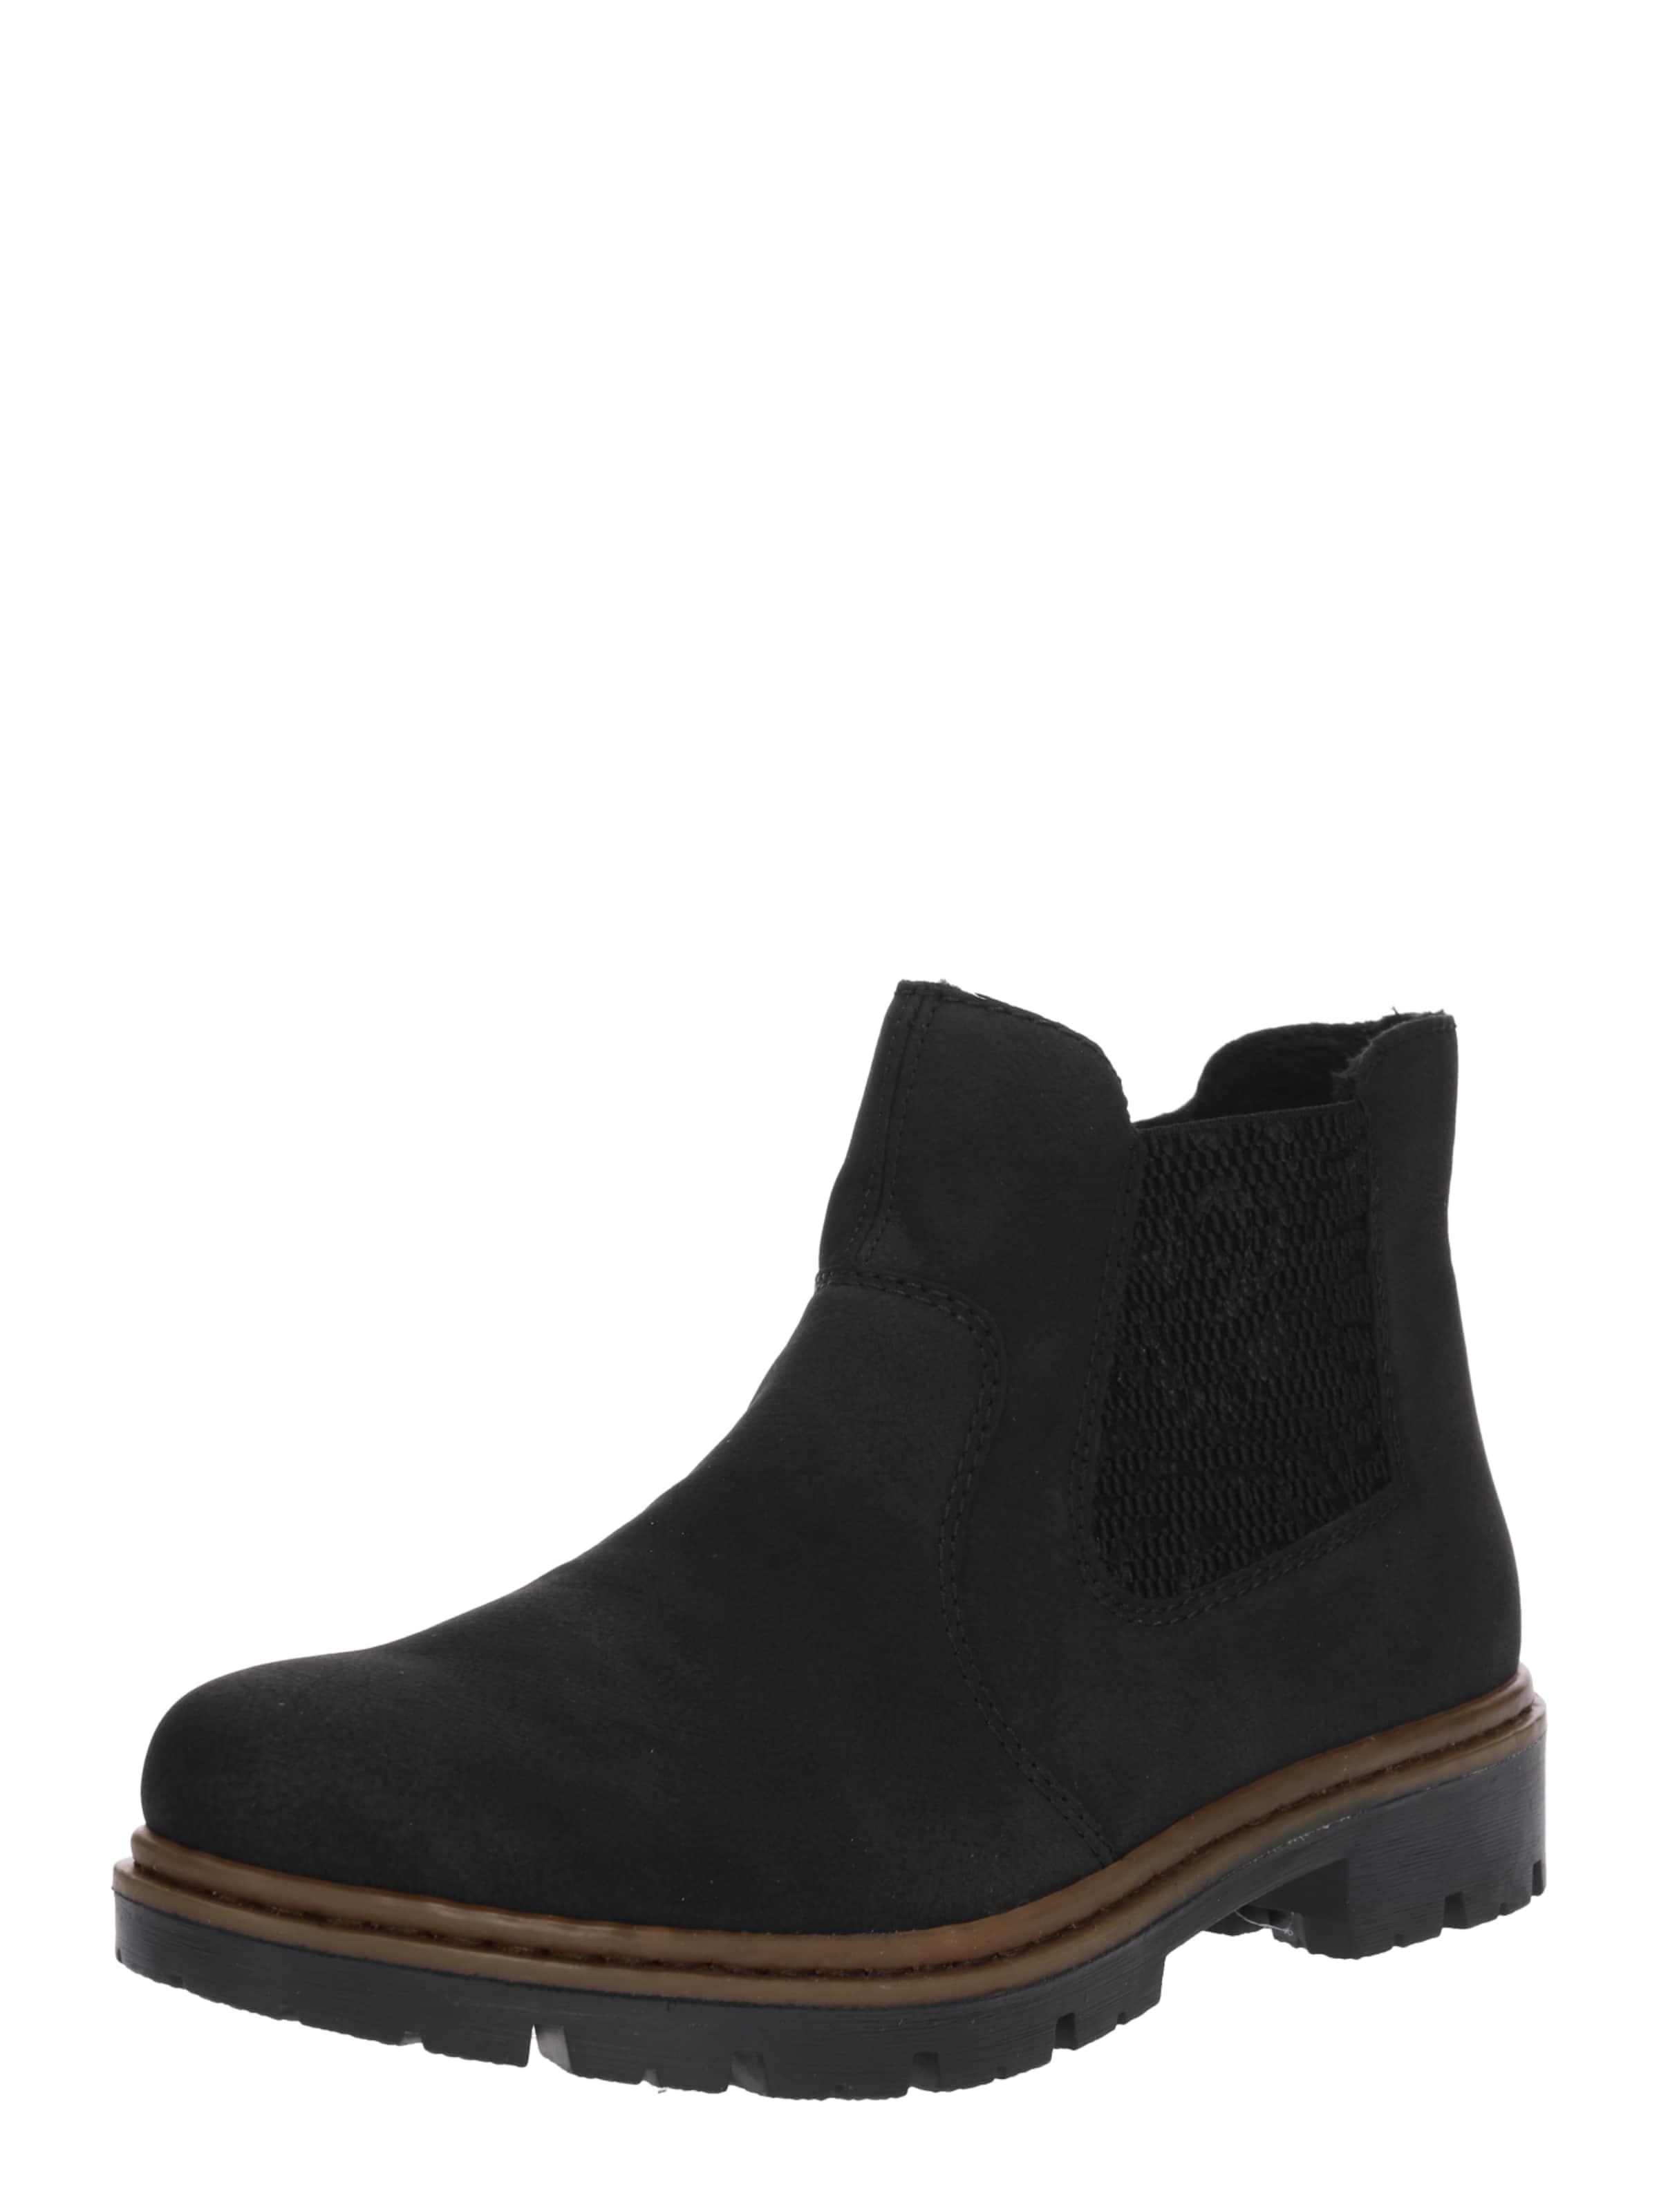 RIEKER Chelsea-Stiefelette Verschleißfeste billige Schuhe Hohe Qualität